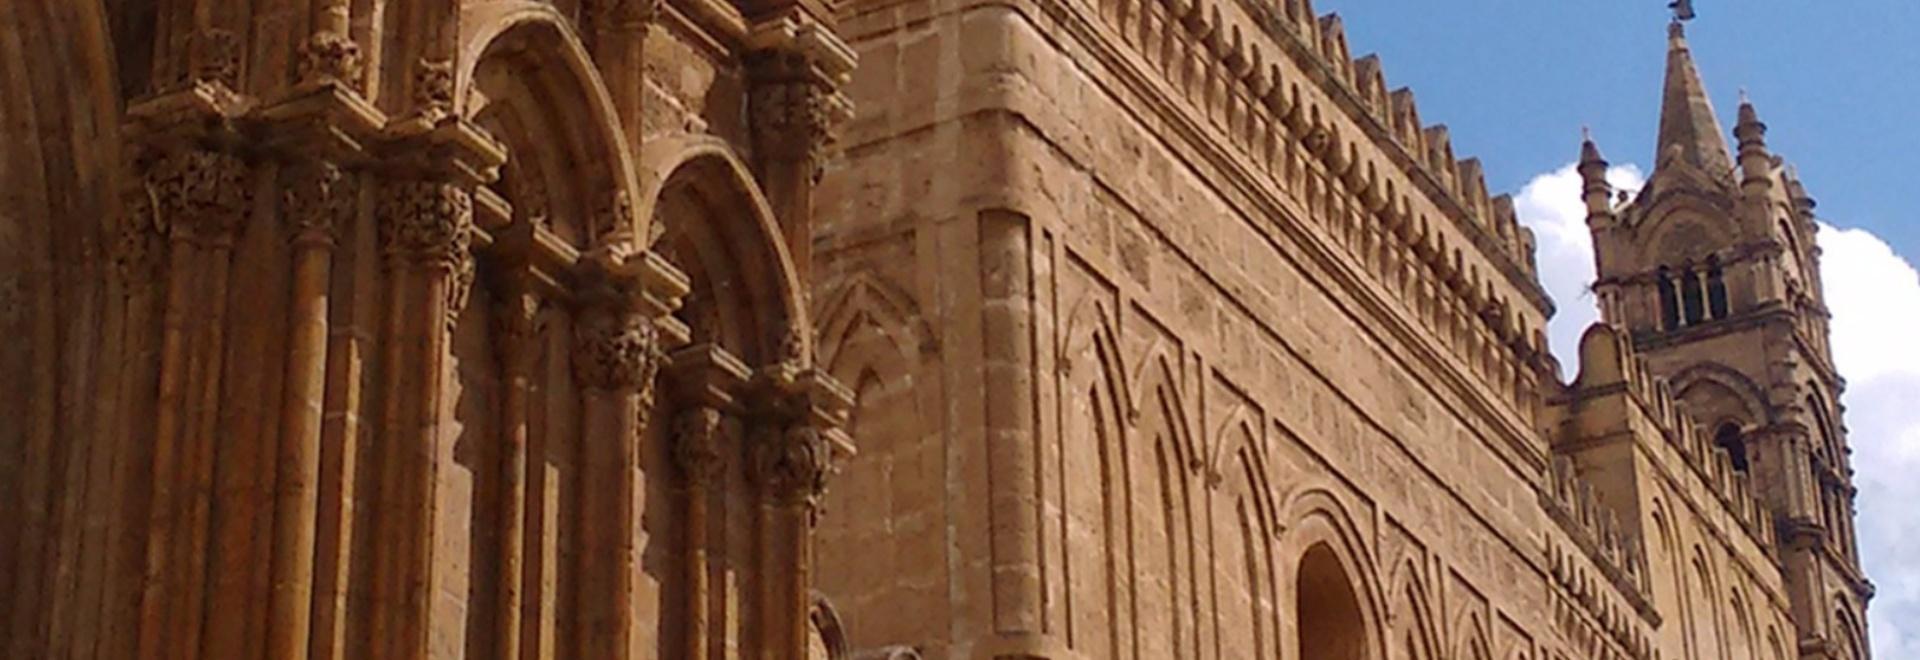 Verona e la Signoria scaligera